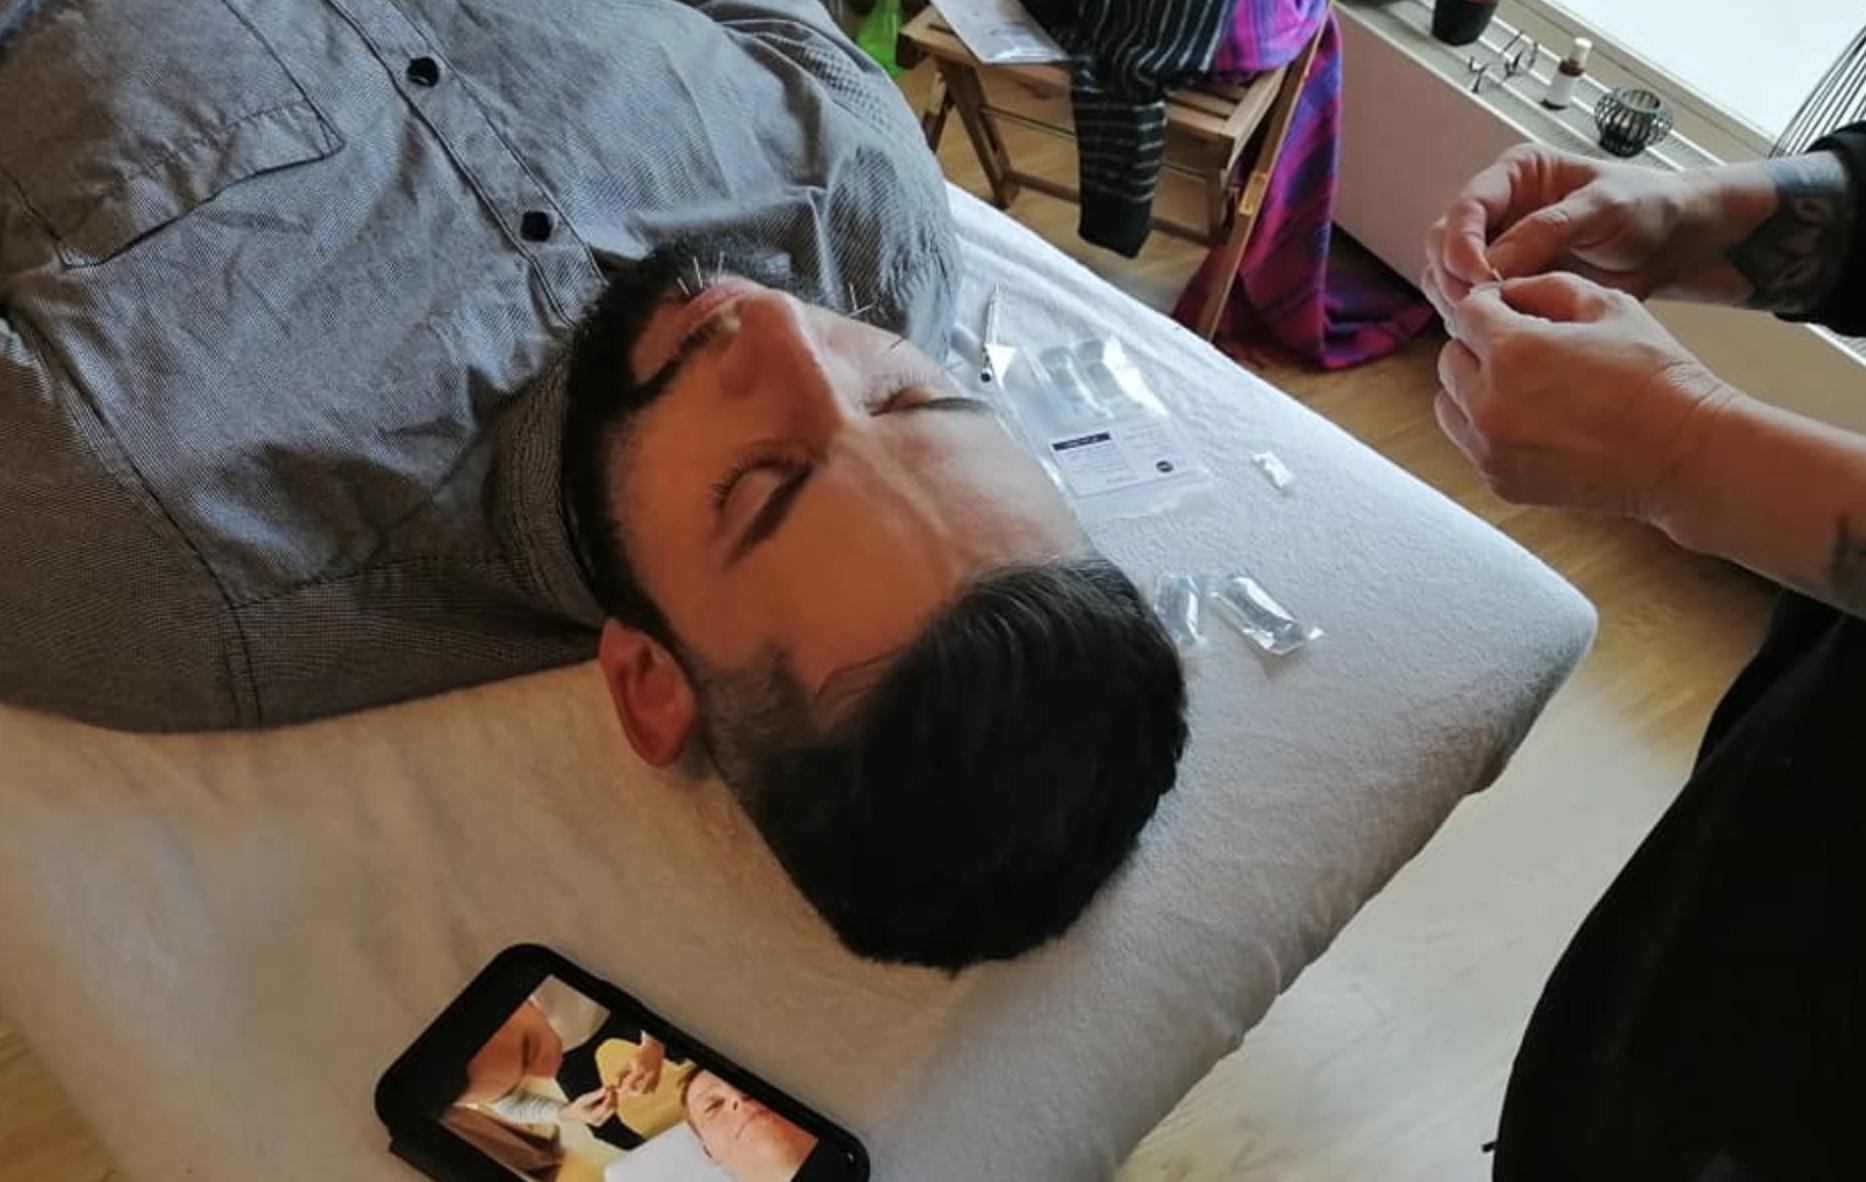 séance d'aculifting sur un homme